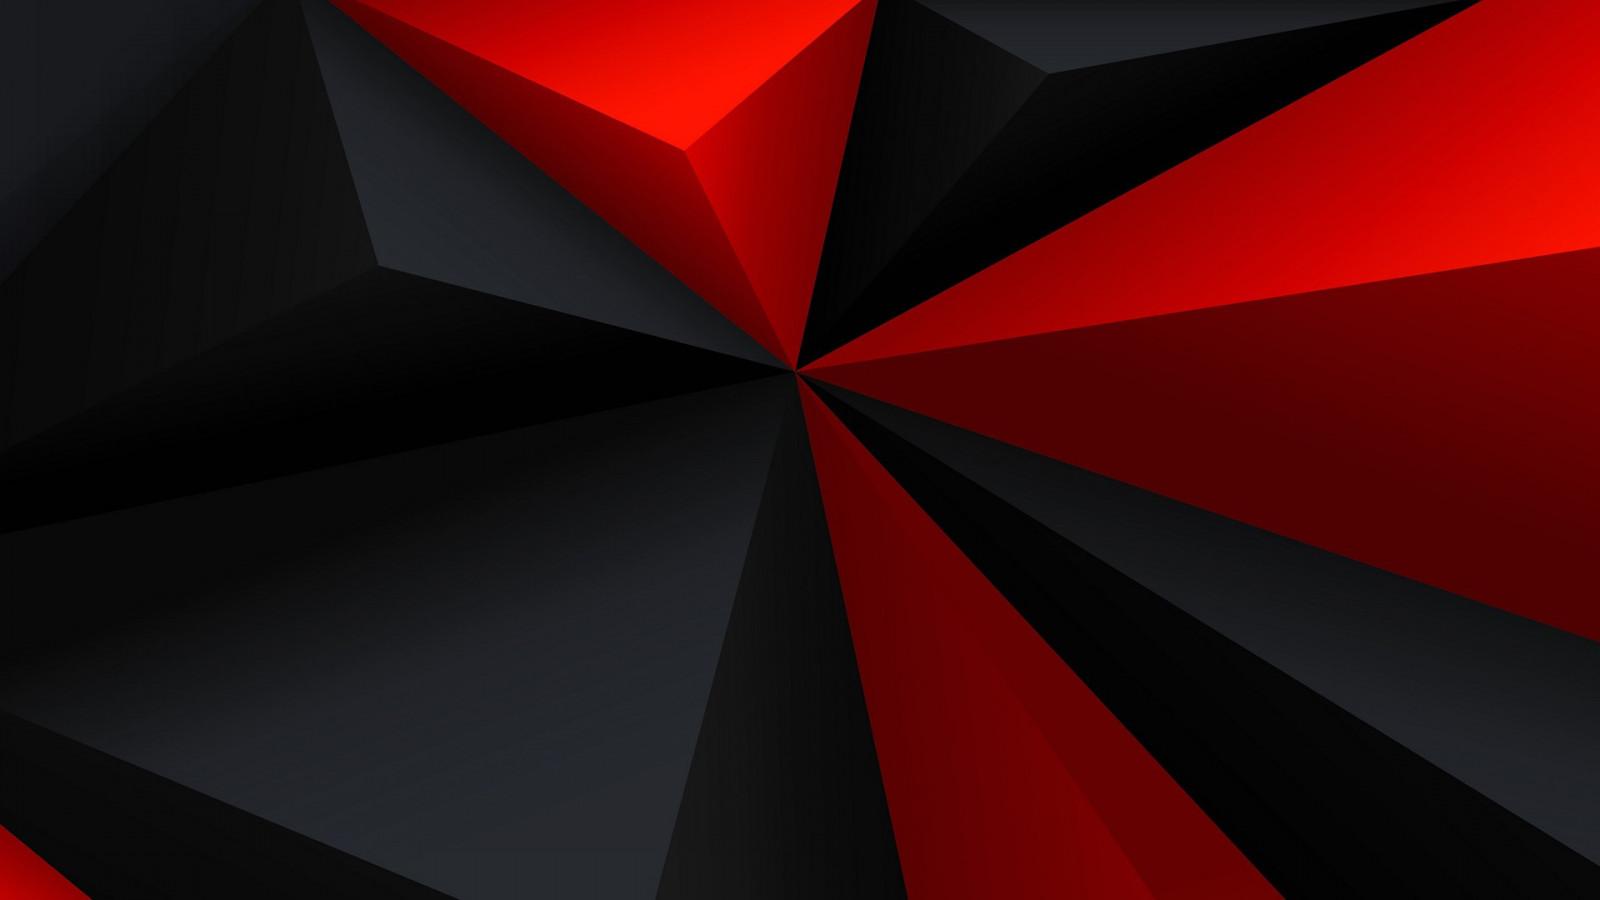 デスクトップ壁紙 黒 デジタルアート 抽象 ミニマリズム 赤 低